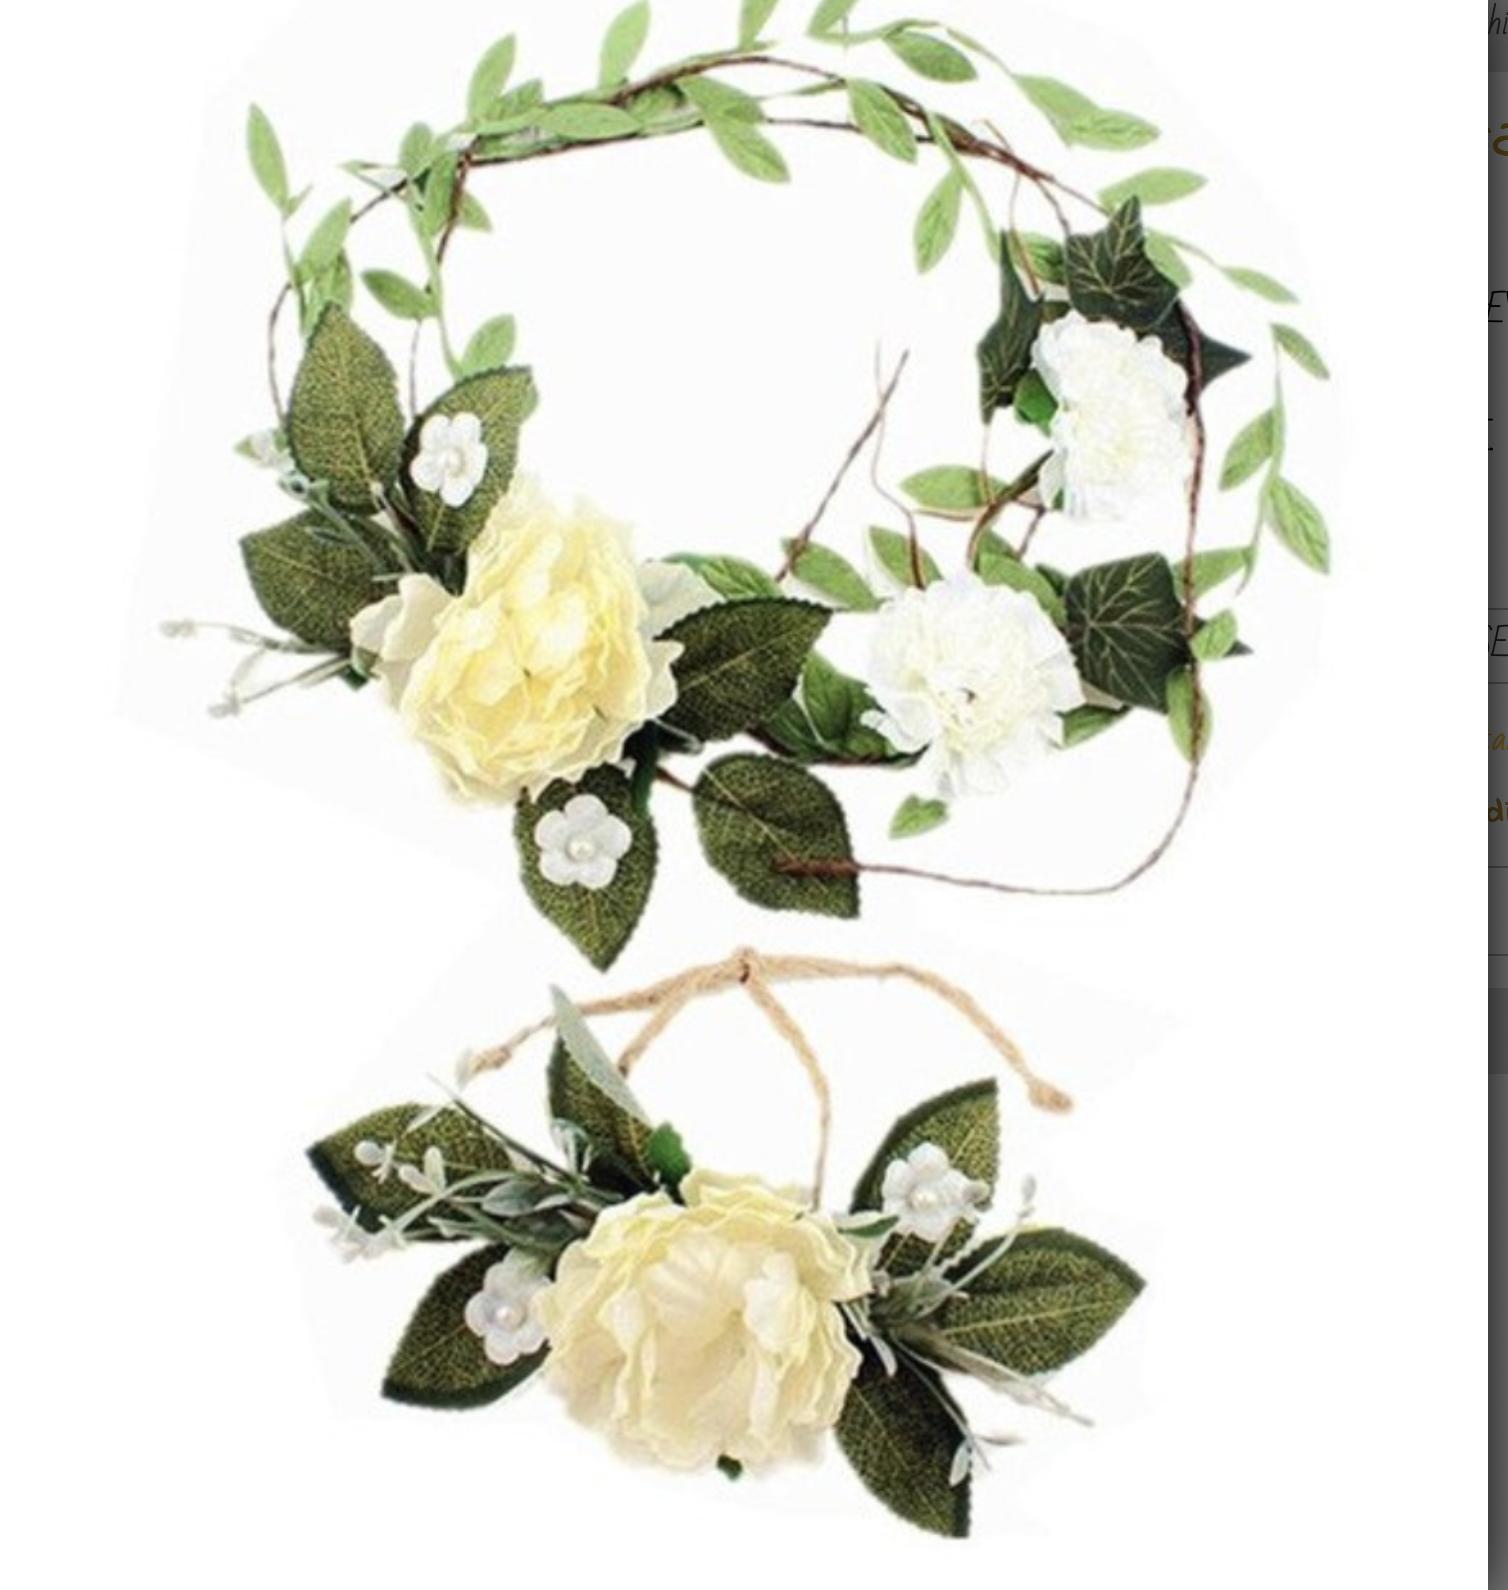 Couronne bandeau cheveux chanvre fleurs + bracelet boho boheme chic